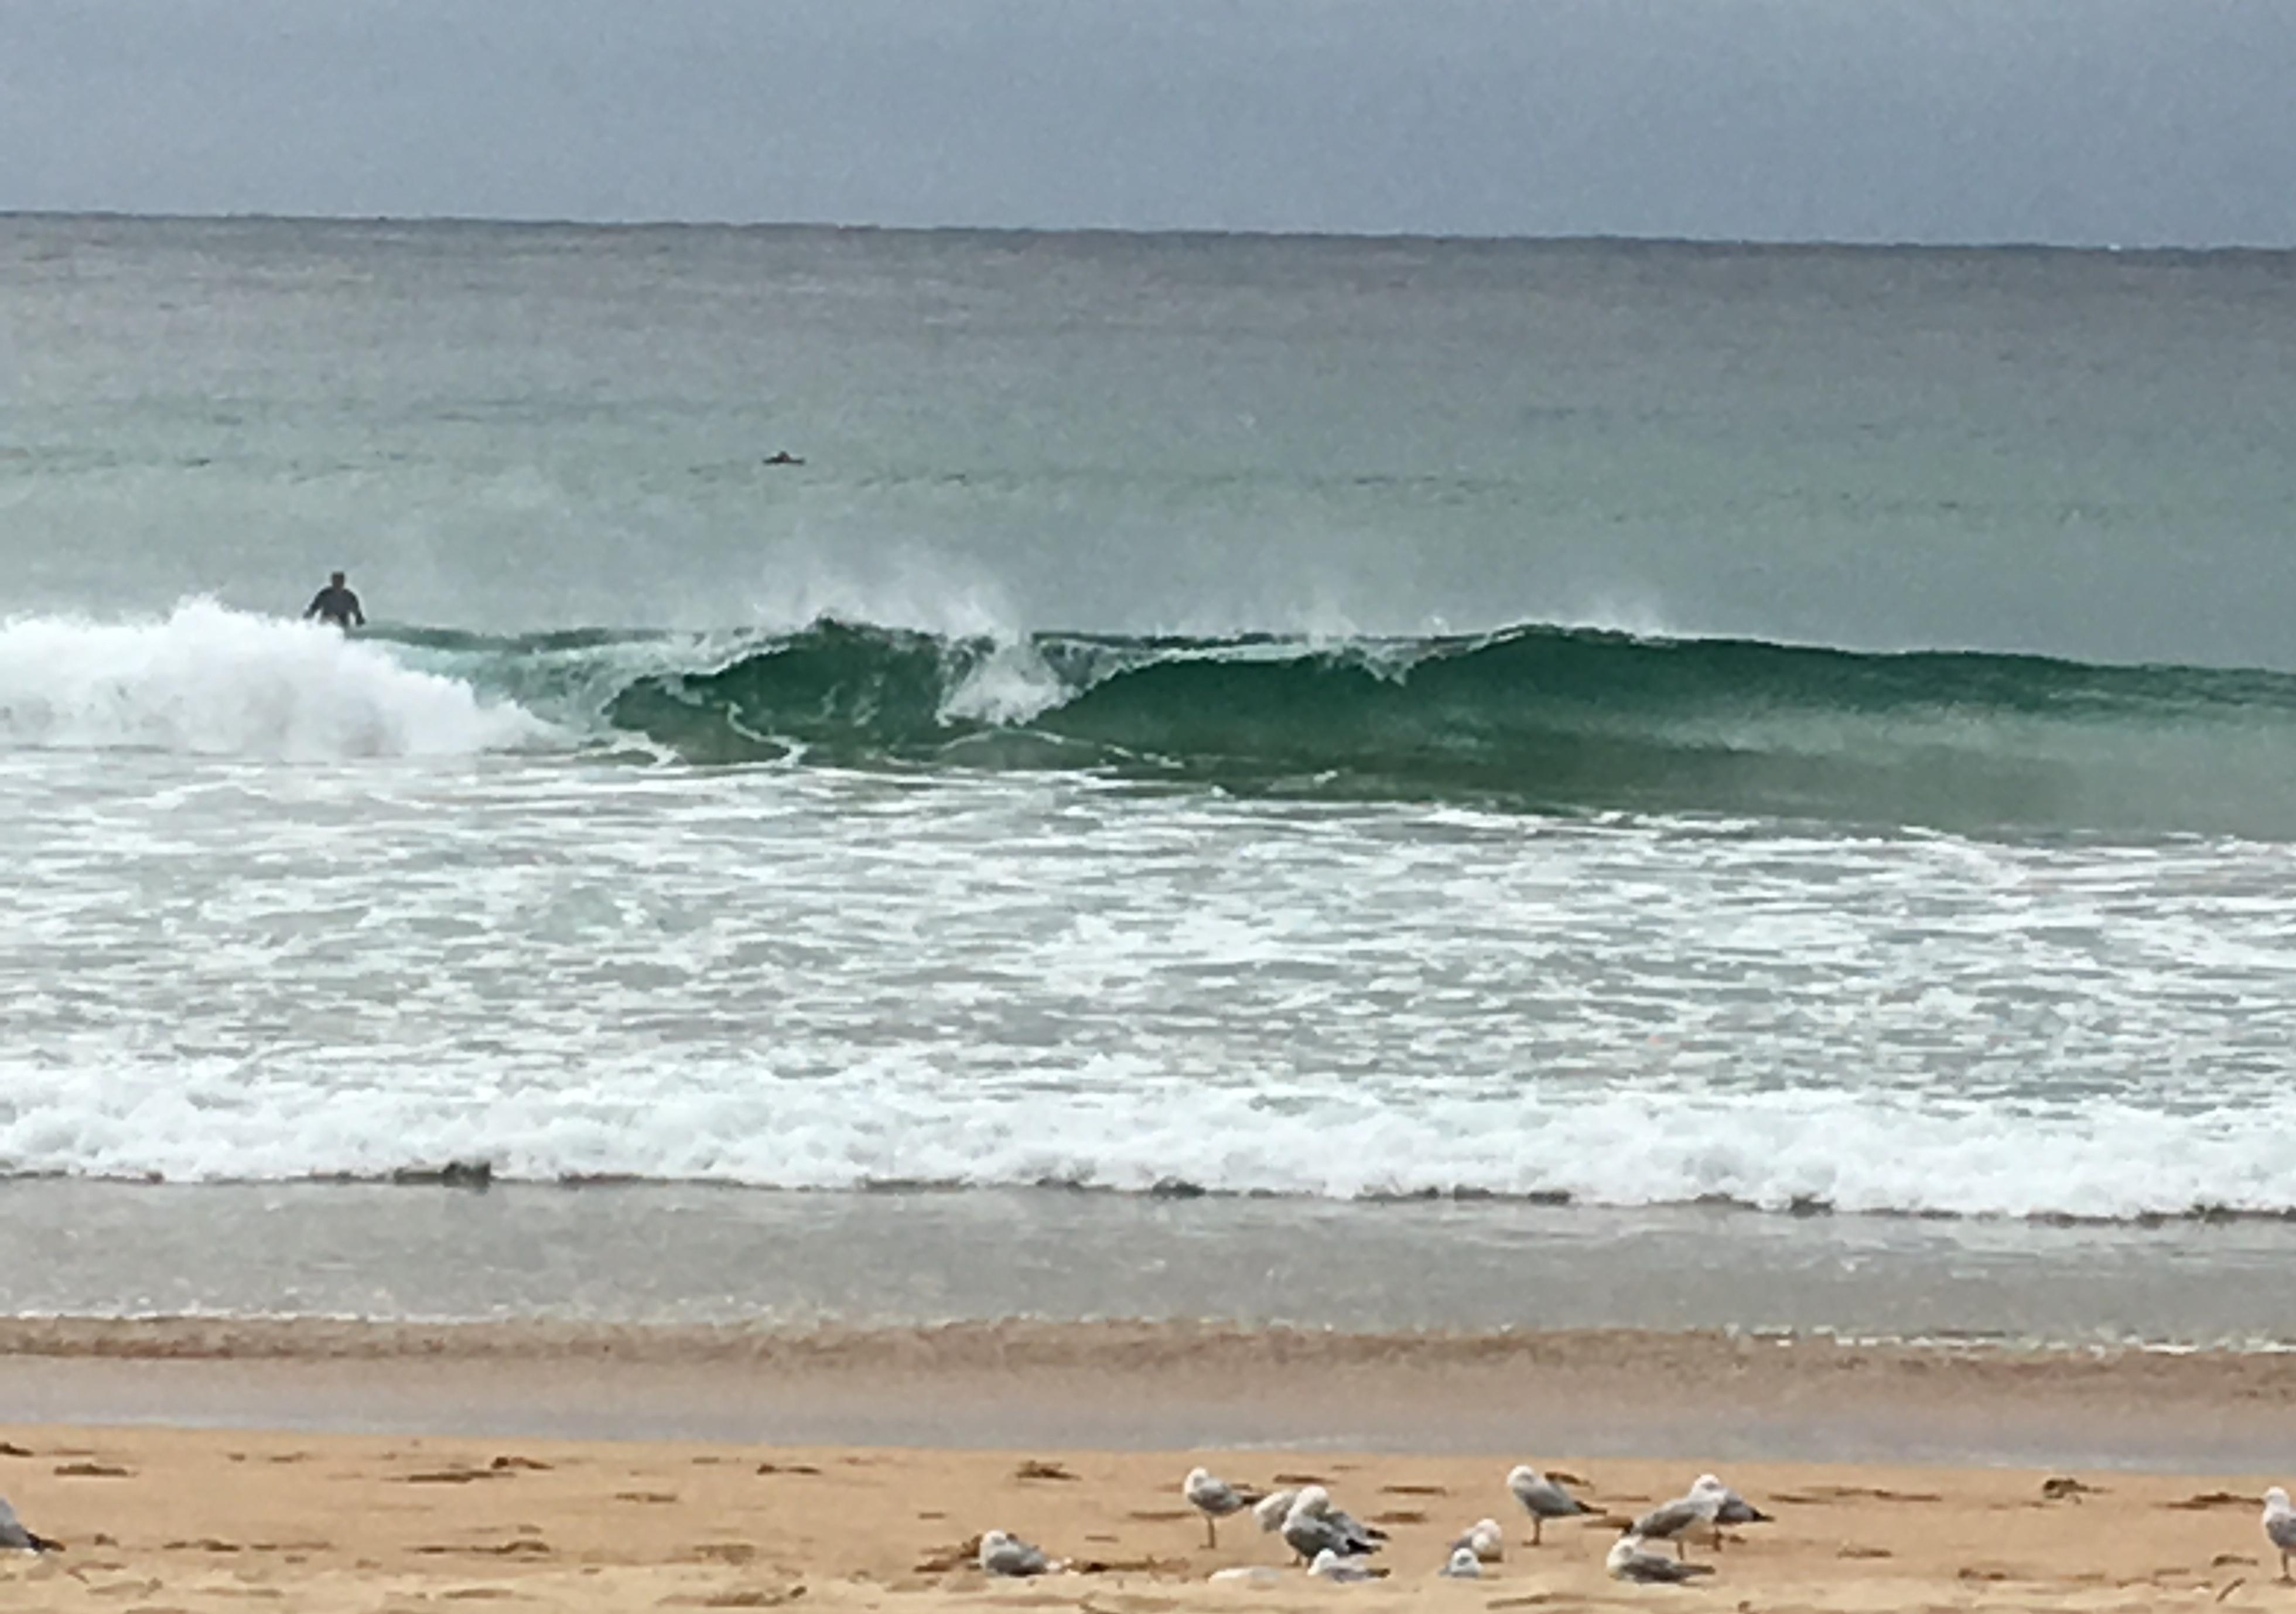 val-ocean-wave.jpg